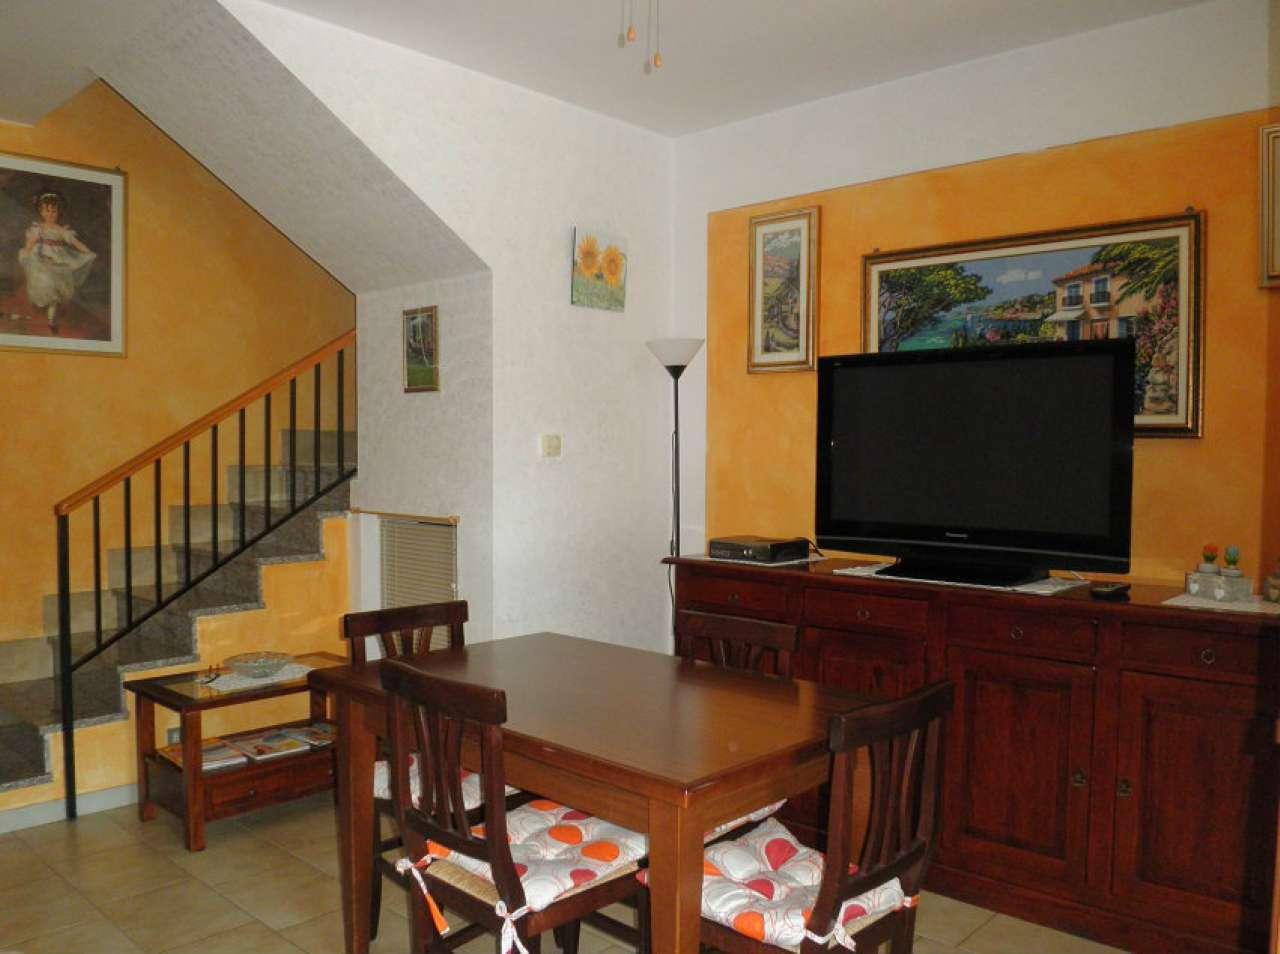 Soluzione Indipendente in vendita a Azzanello, 3 locali, prezzo € 109.000 | PortaleAgenzieImmobiliari.it